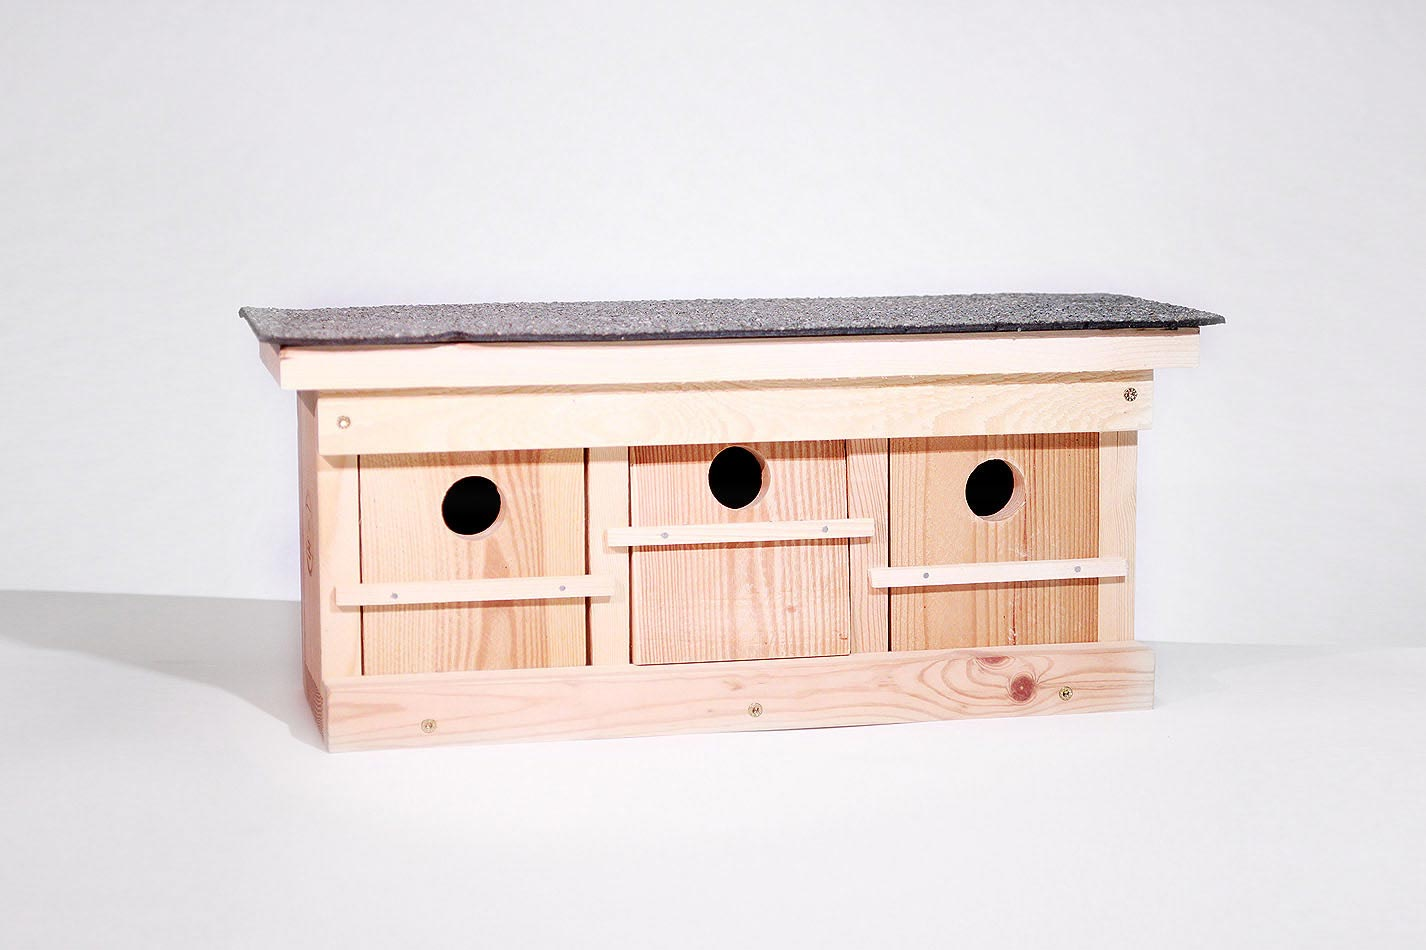 Sperlingskoloniehaus aus Holz mit drei Brutkammern und drein Einfluglöchern